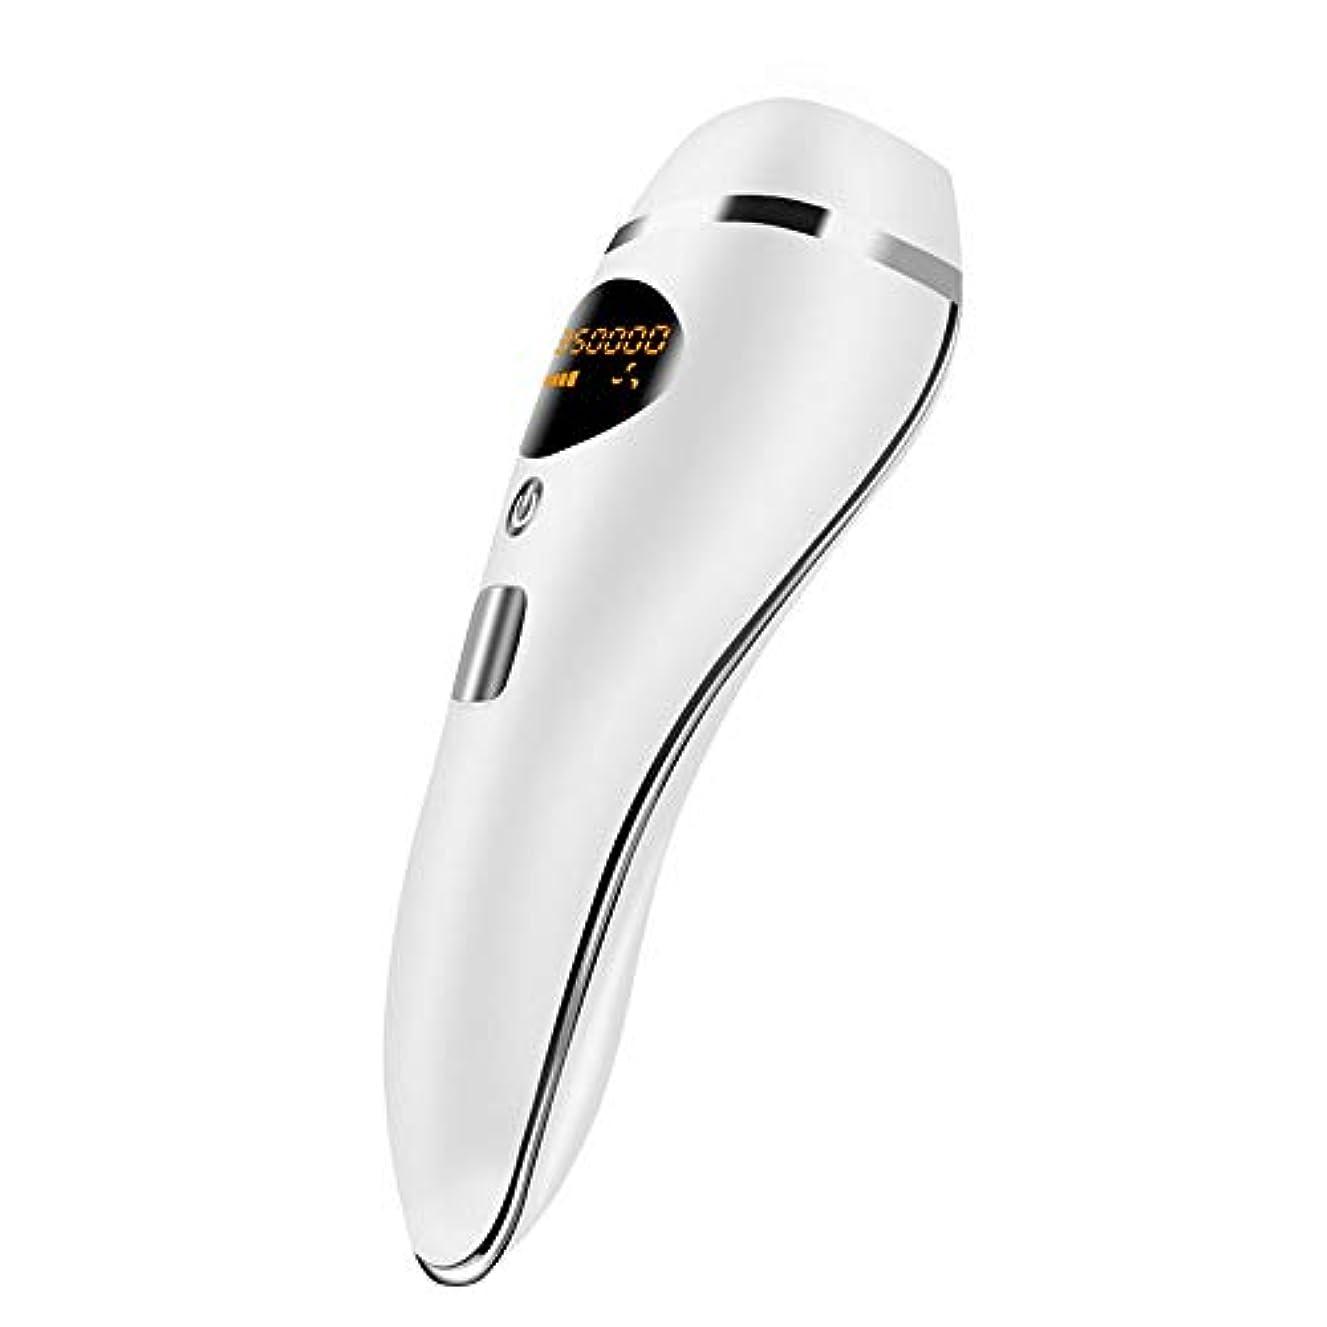 鉄専門導出自動全身無痛脱毛剤、ホワイト、ポータブルパーマネントヘアリムーバー、デュアルモード、5速調整、サイズ20.5x7cm 効果が良い